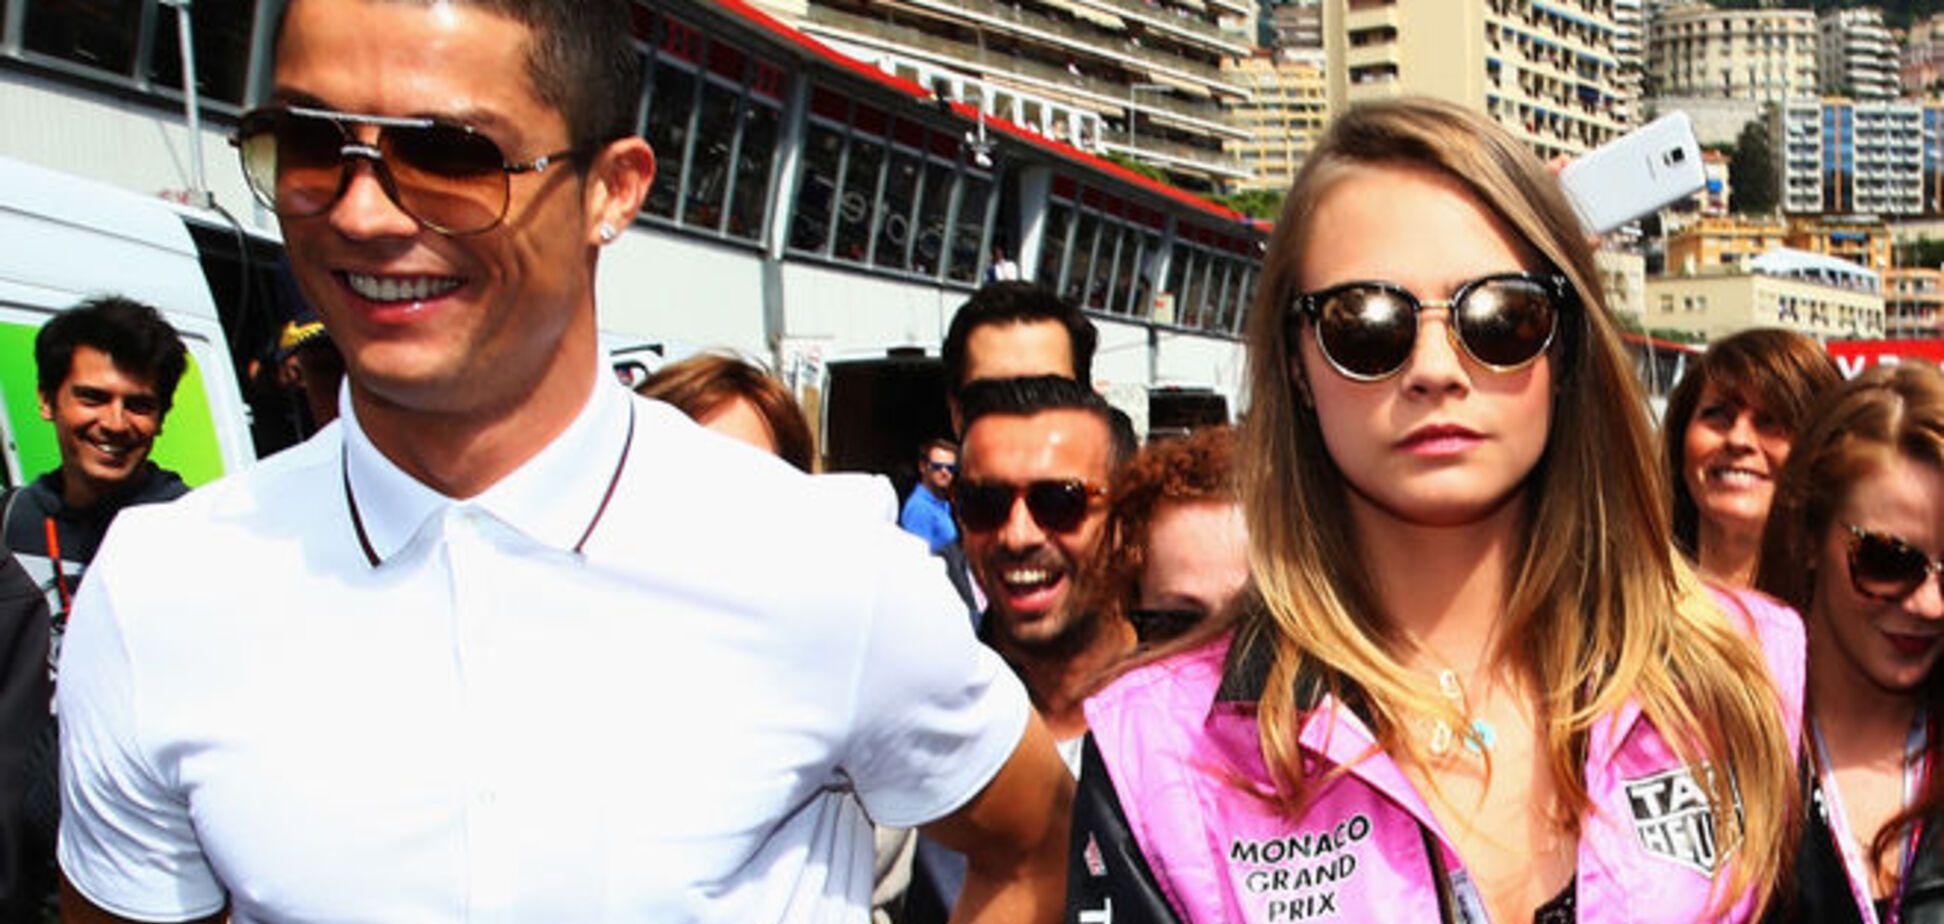 Криштиану Роналду засветился с новой пассией: яркие фото